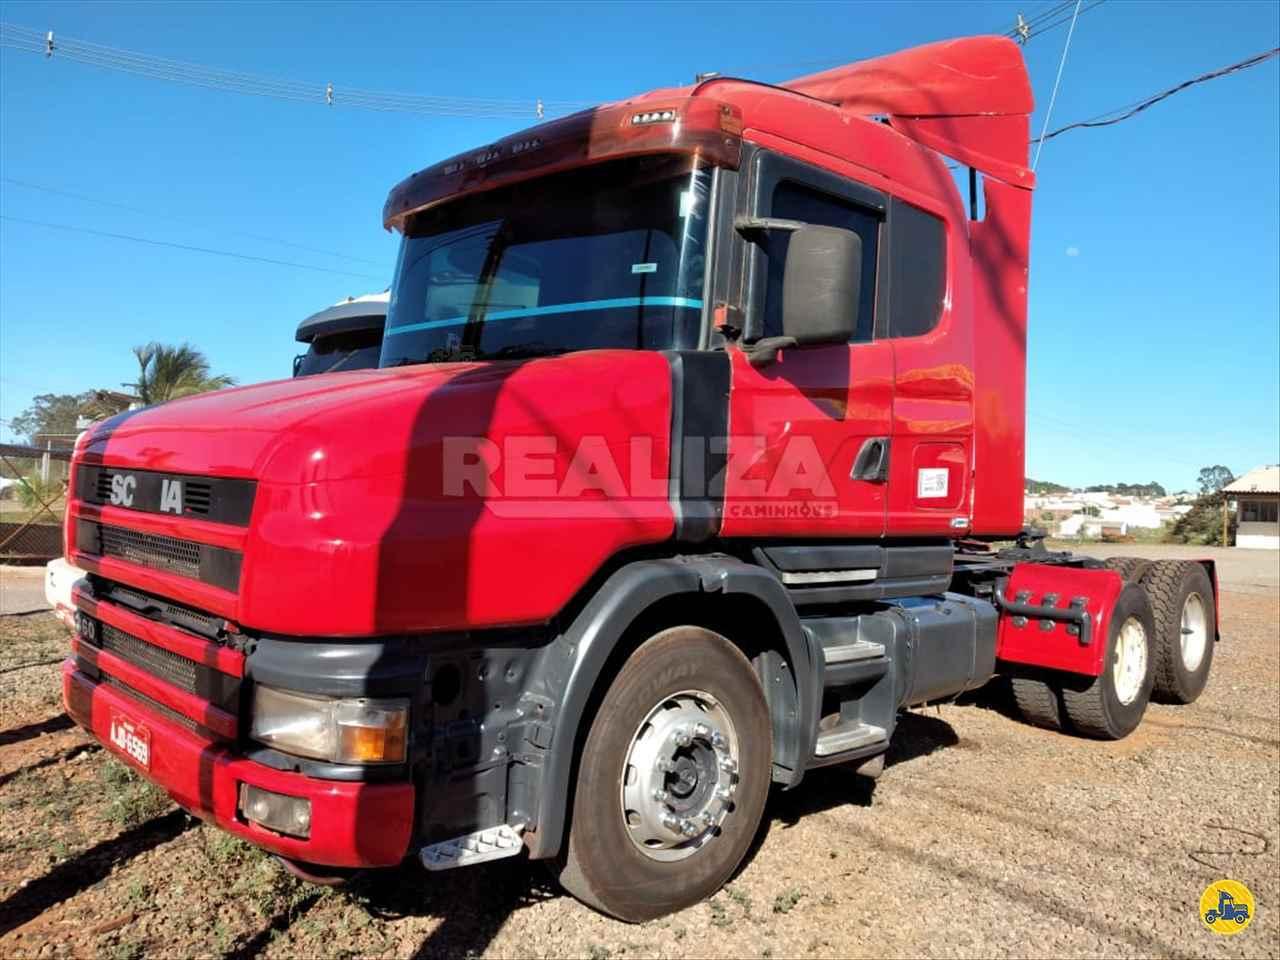 CAMINHAO SCANIA SCANIA 124 360 Cavalo Mecânico Truck 6x2 Realiza Caminhões - Umuarama UMUARAMA PARANÁ PR